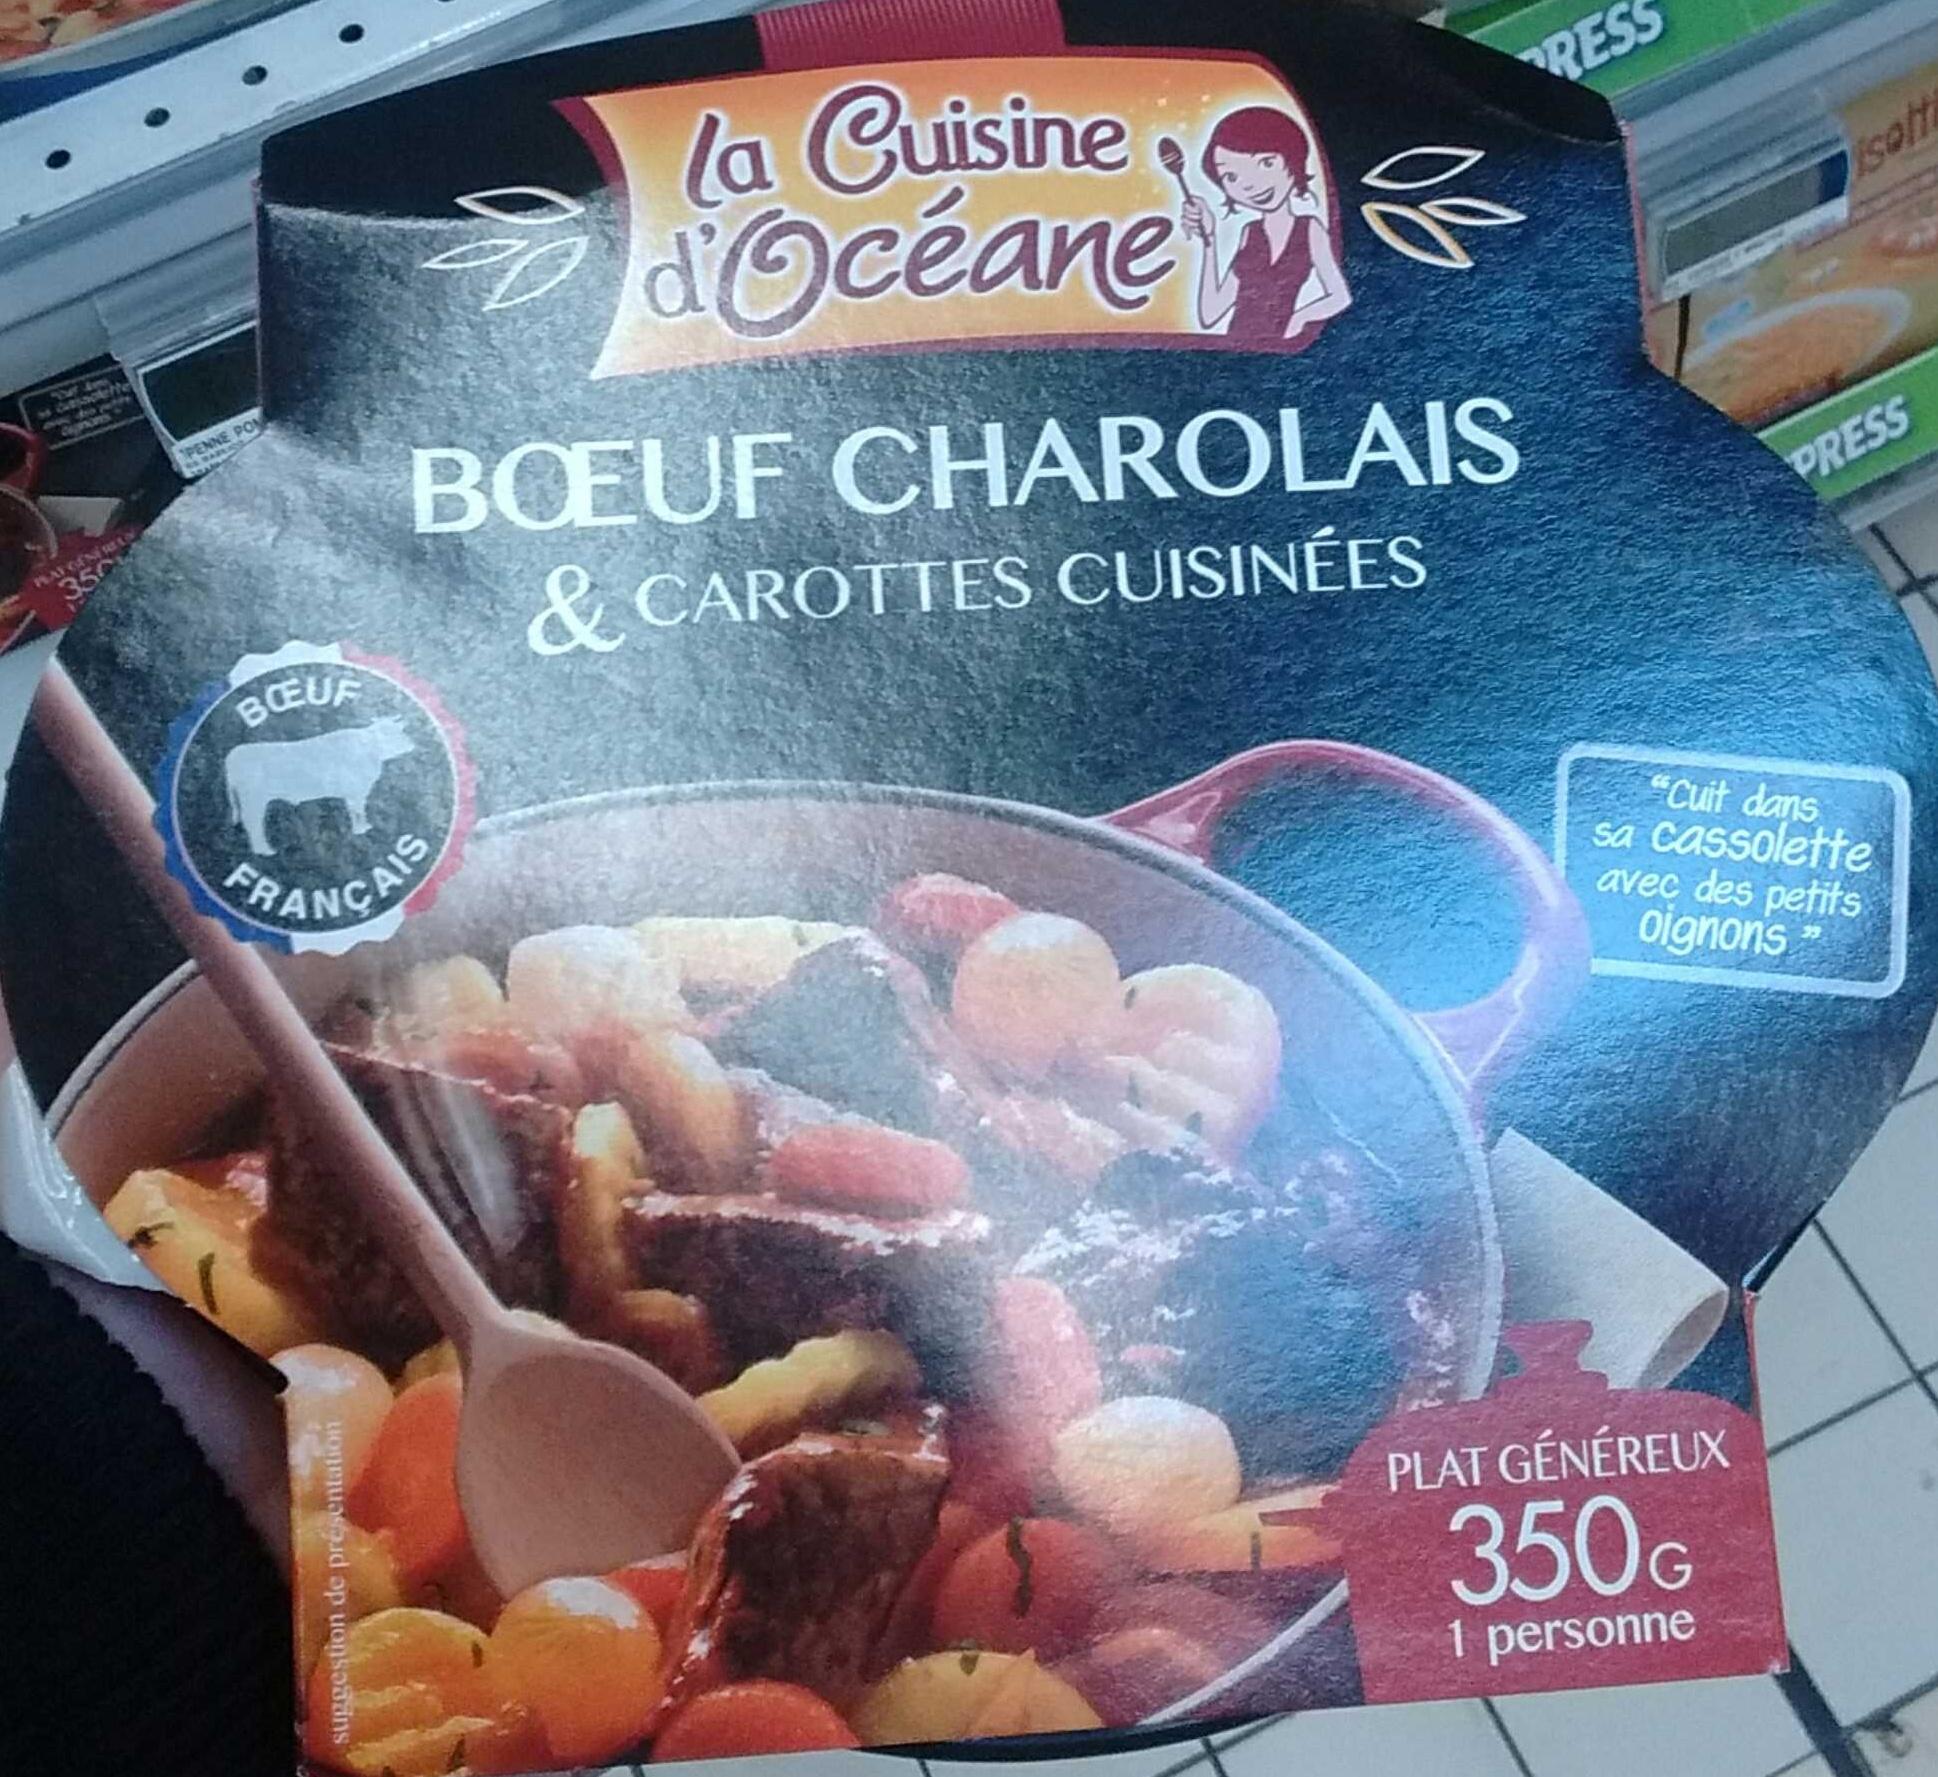 Bœuf charolais & carottes cuisinées - Produit